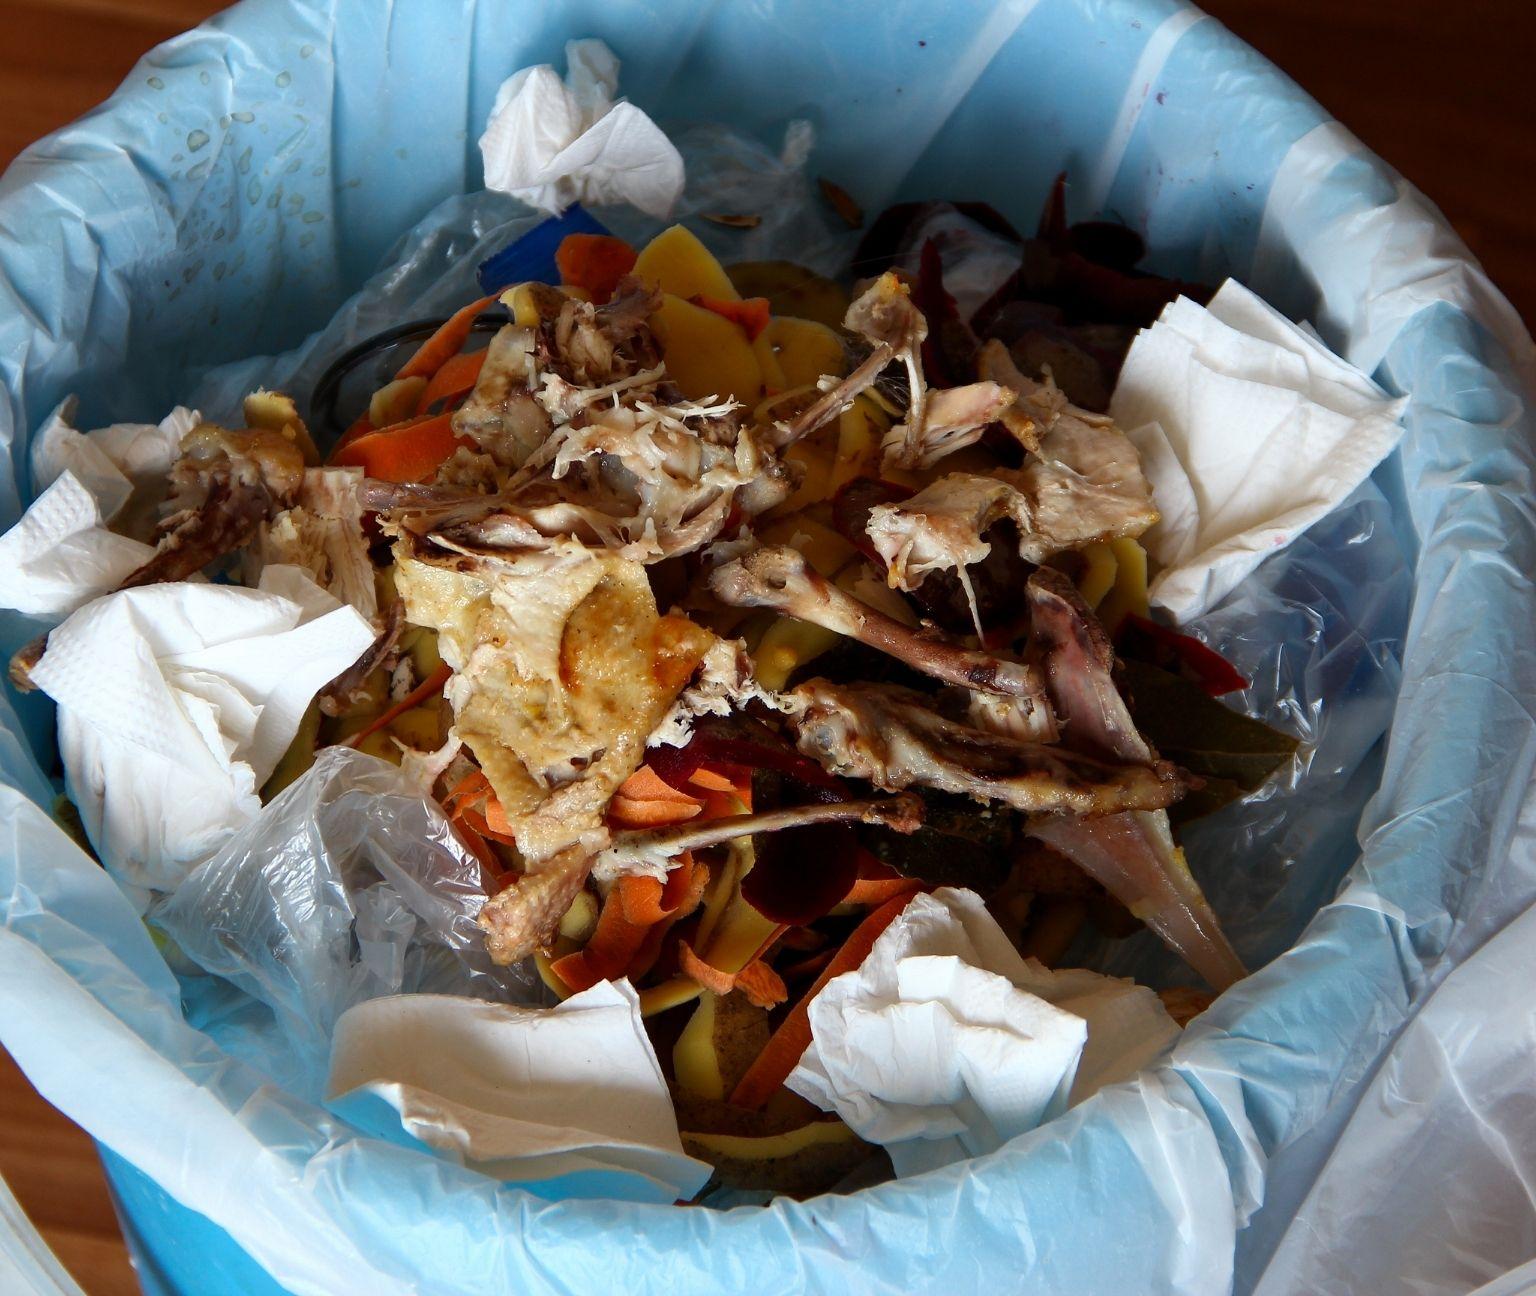 De comida a basura: los impactos de las 20 millones de toneladas de alimentos que tiramos al año